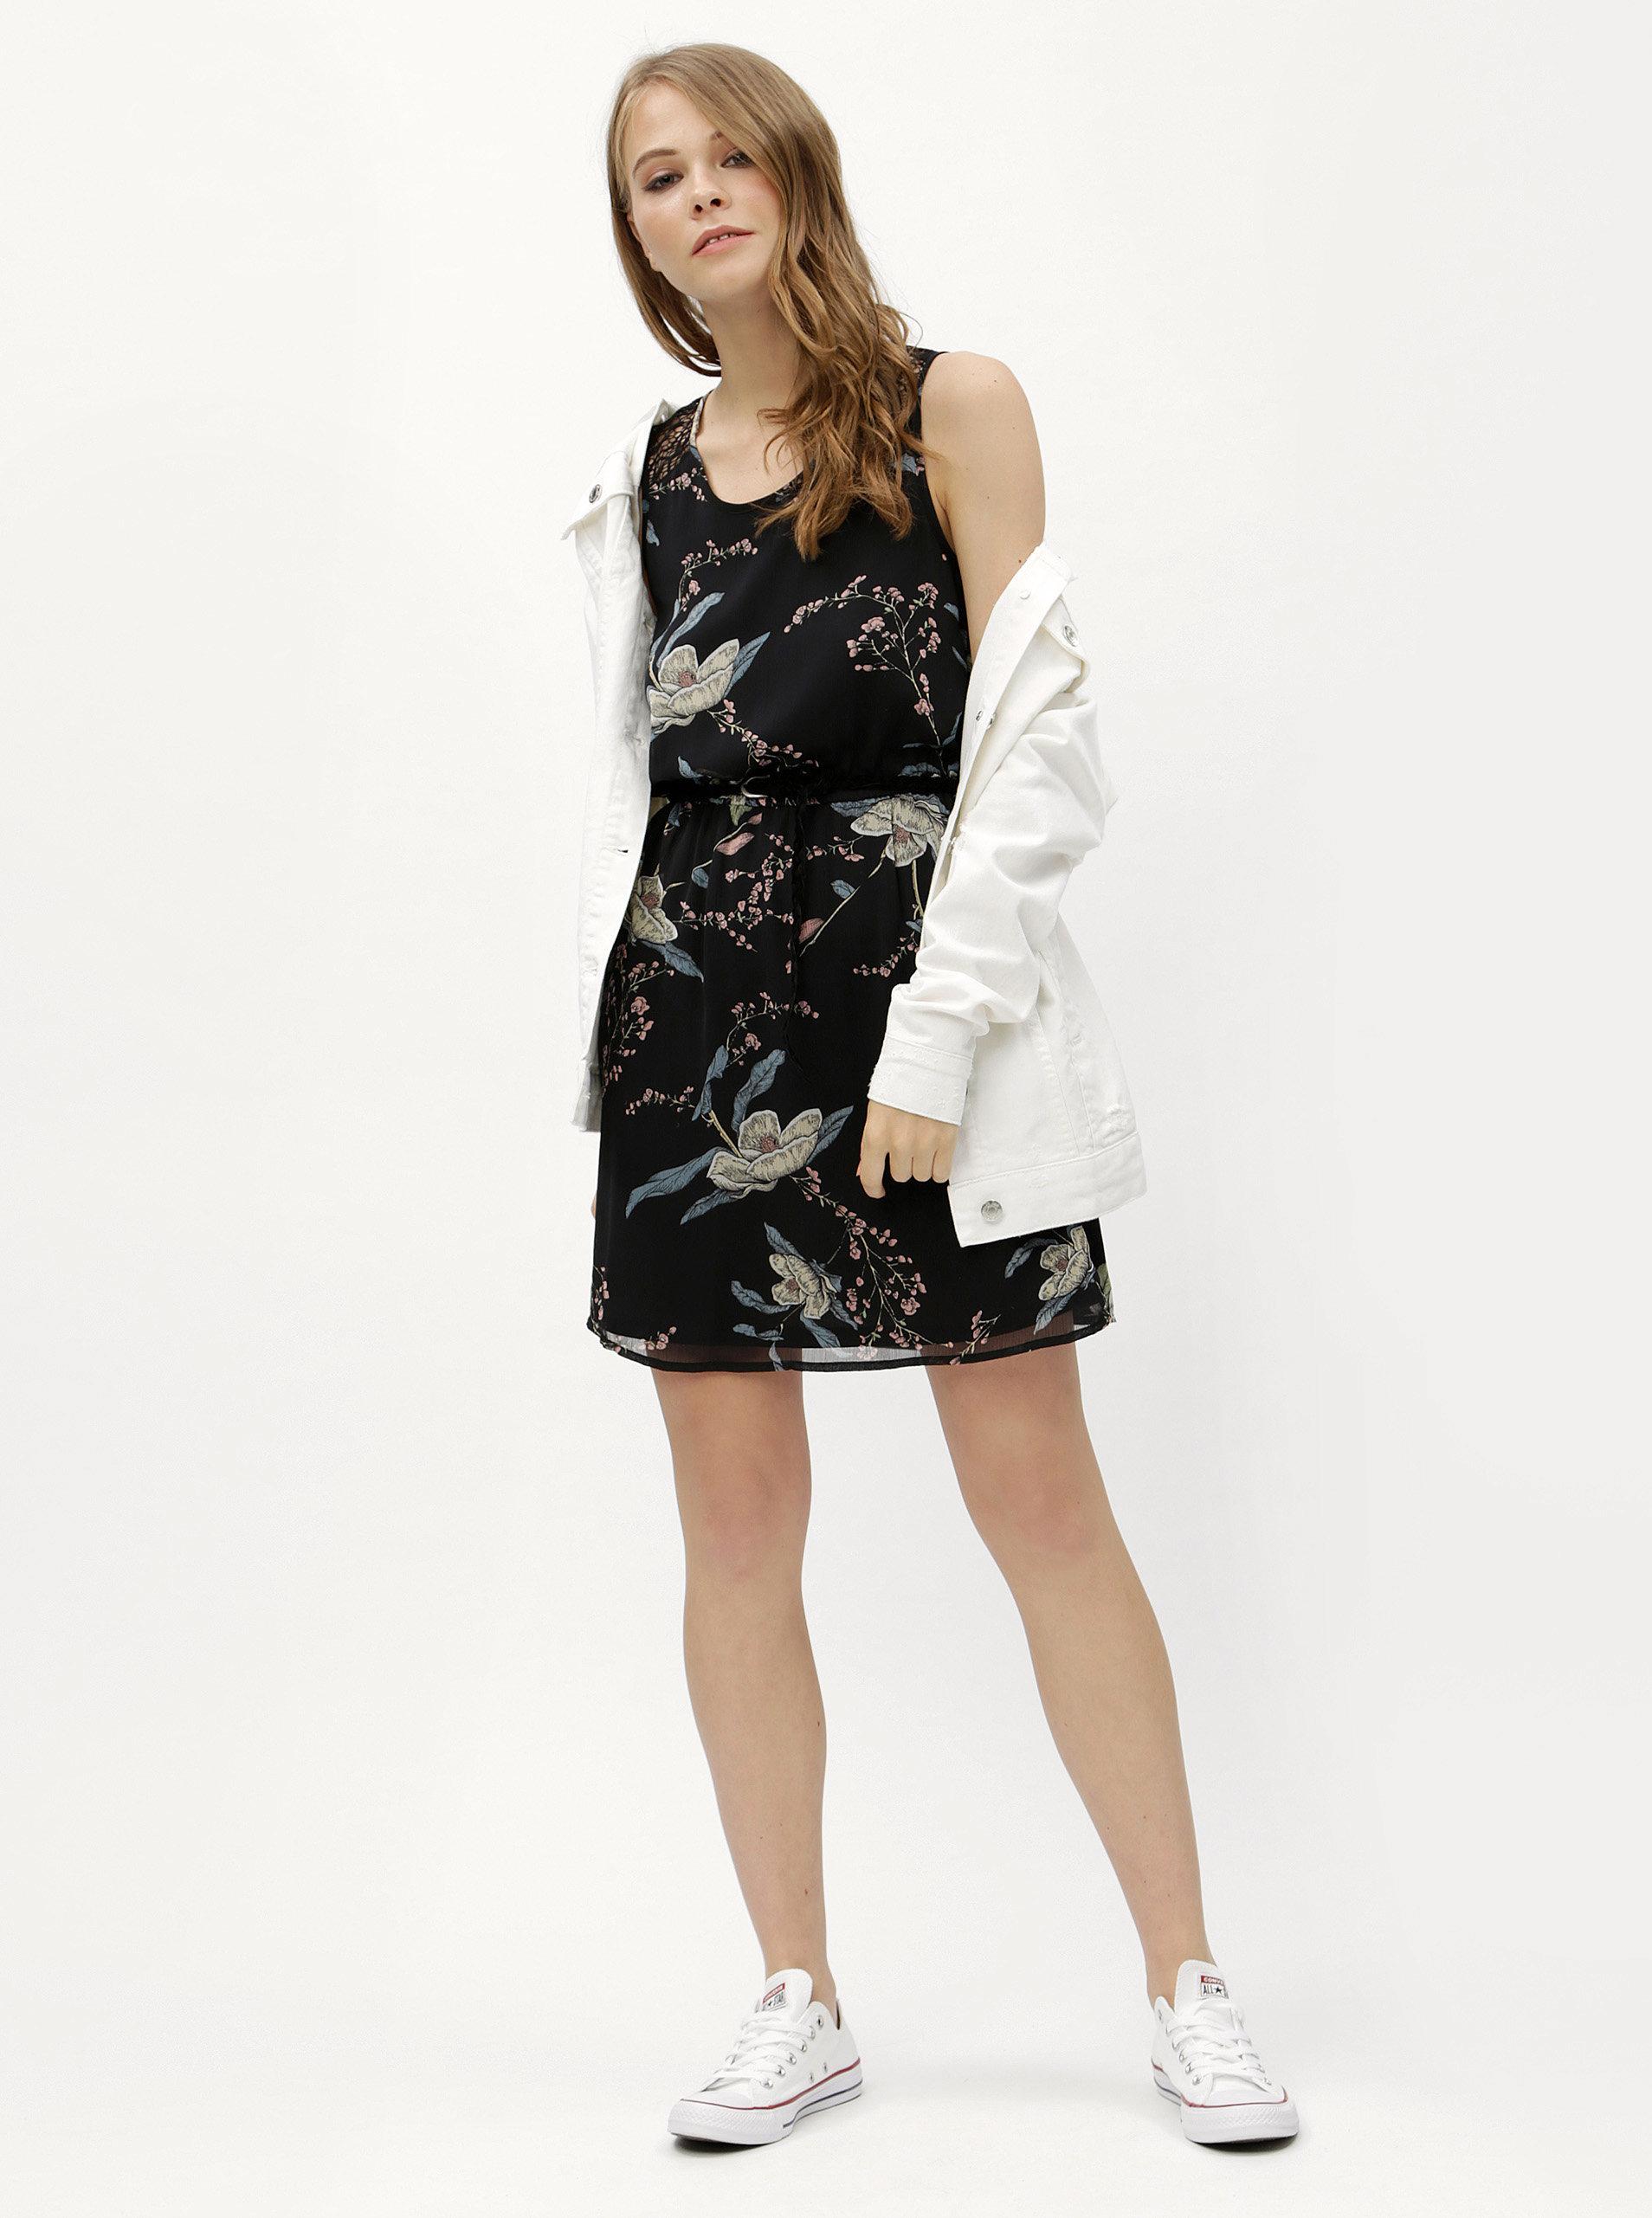 Čierne kvetované šaty s čipkou na chrbte Haily s Jana ... 6b85a39ecd6